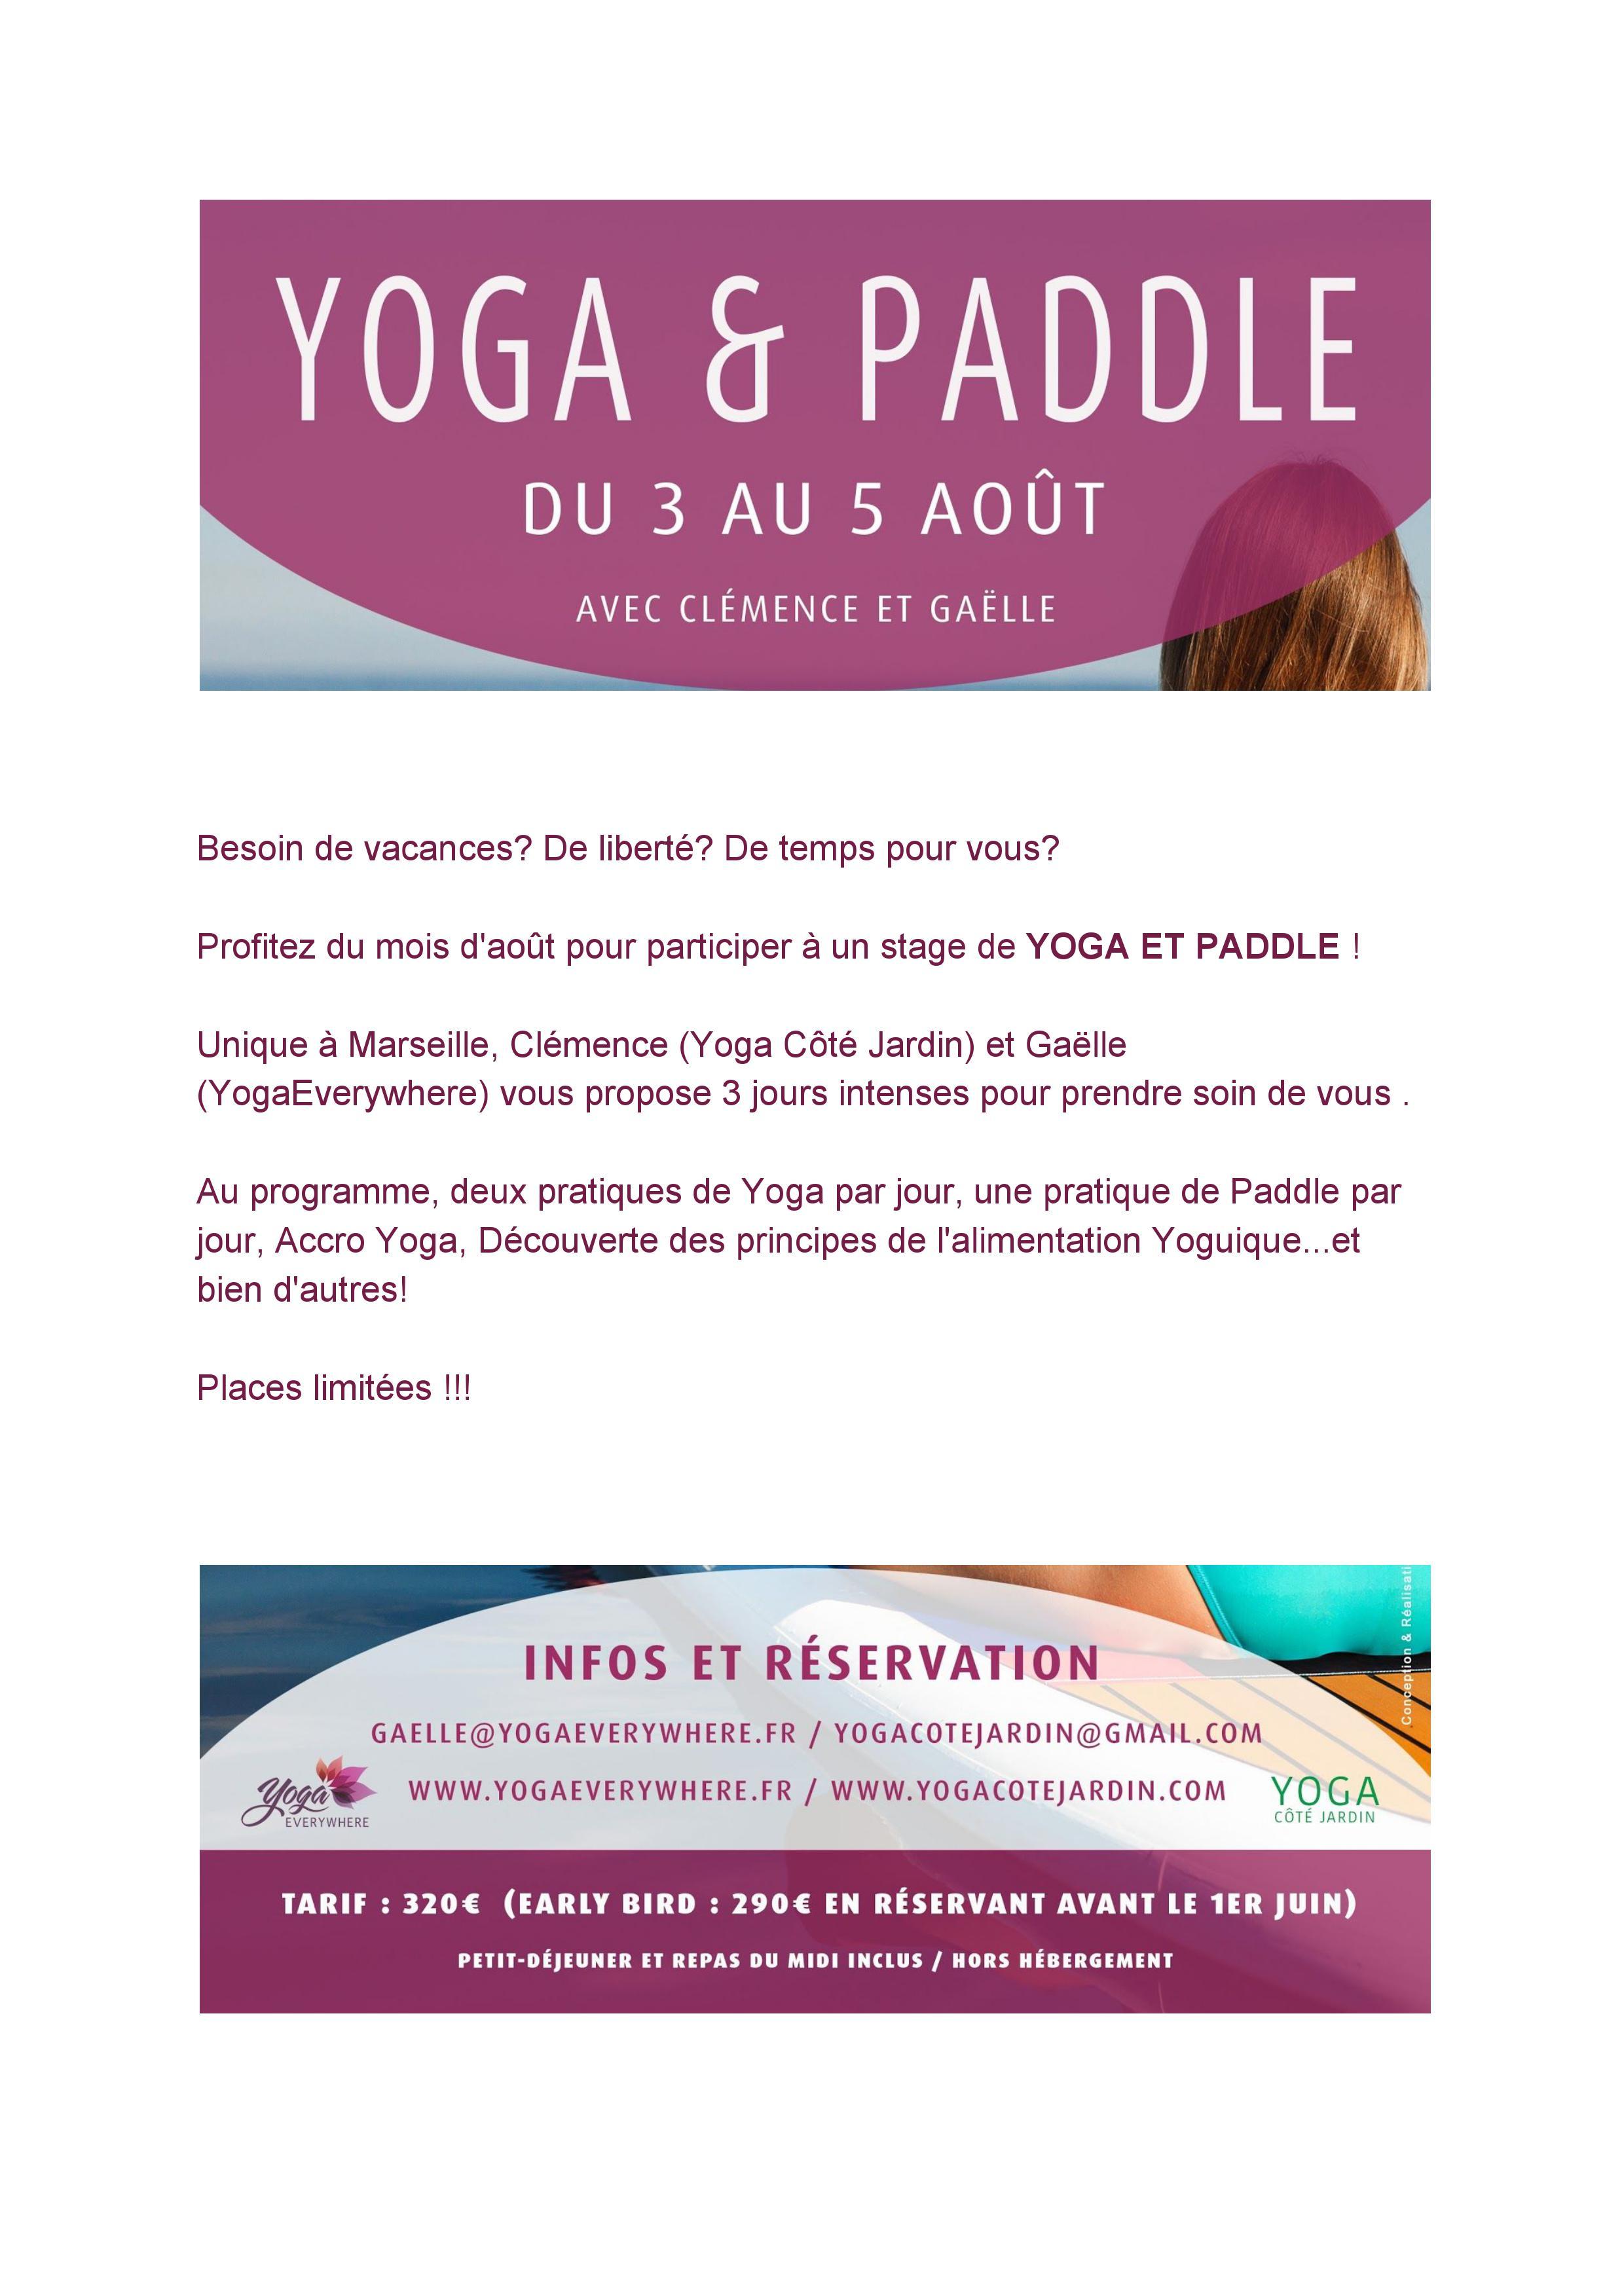 Changement de Date Stage Yoga et Paddle Du vendredi 31 aout au dimanche 2septembre